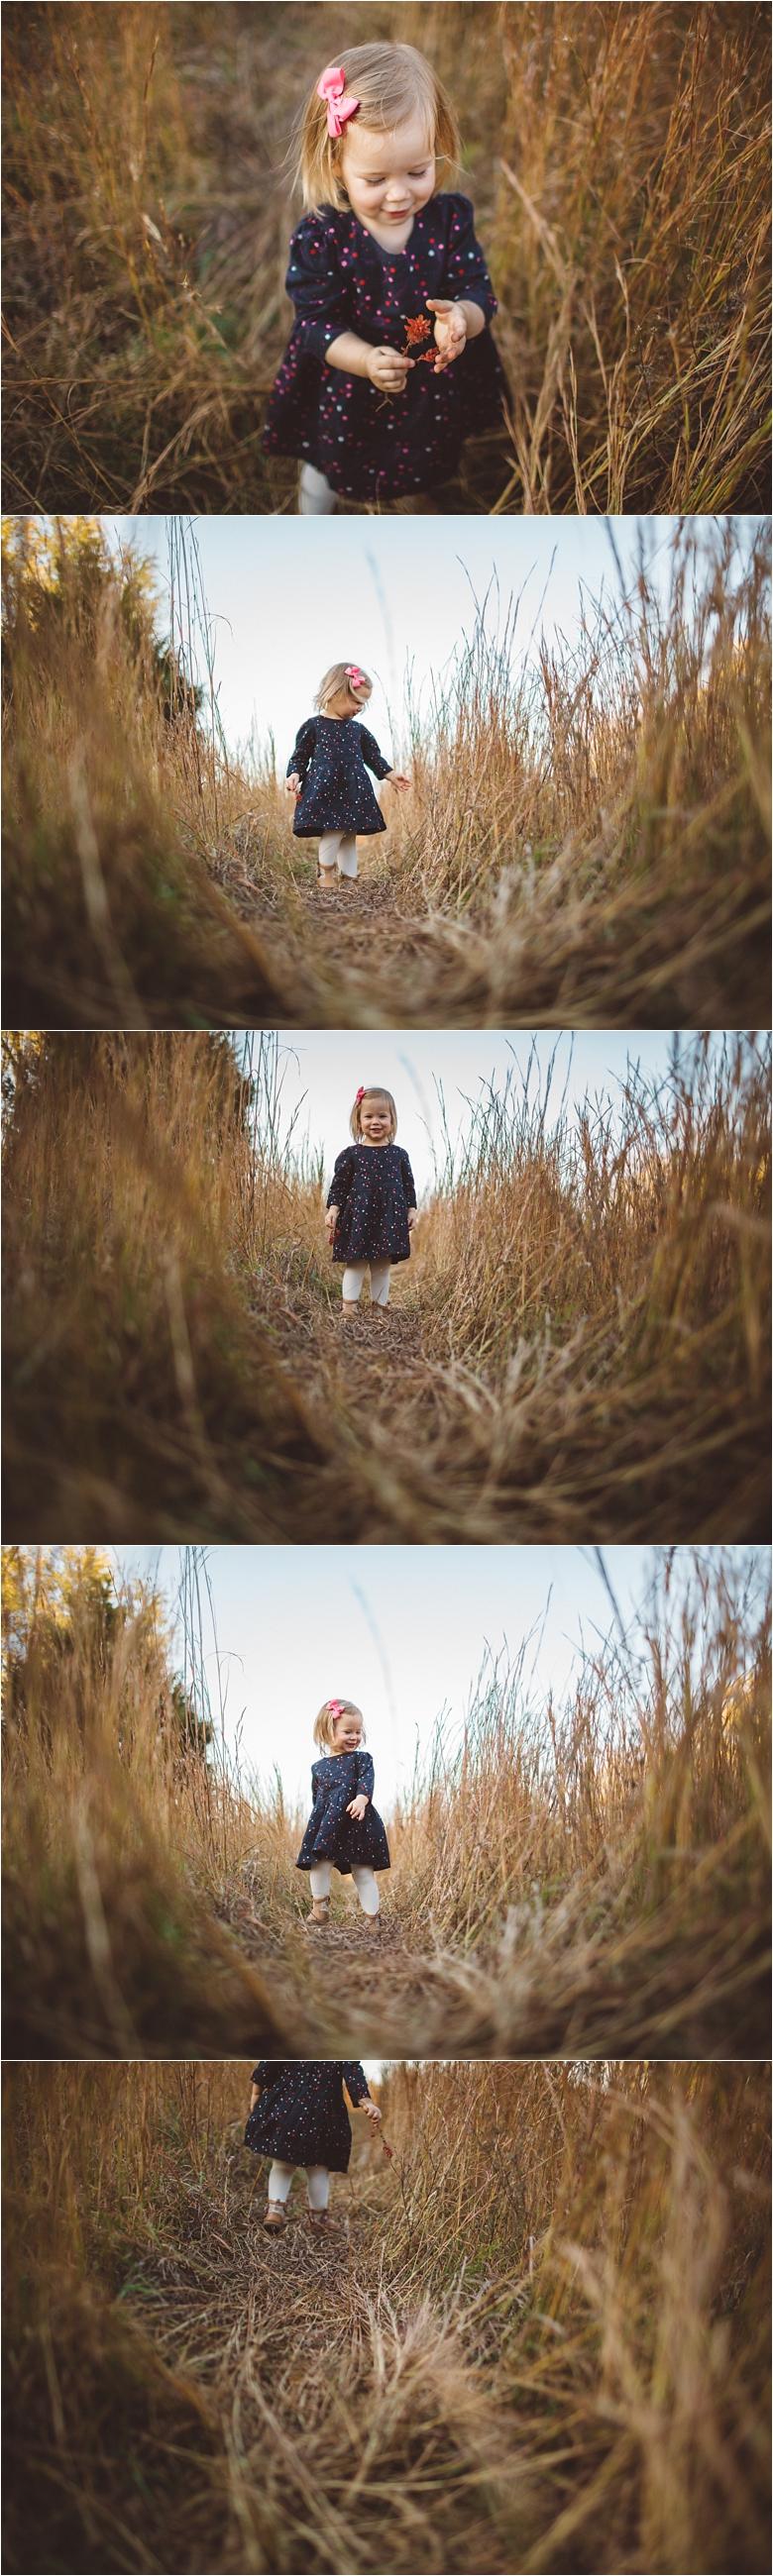 kansascitysbestfamilyphotographer_0016